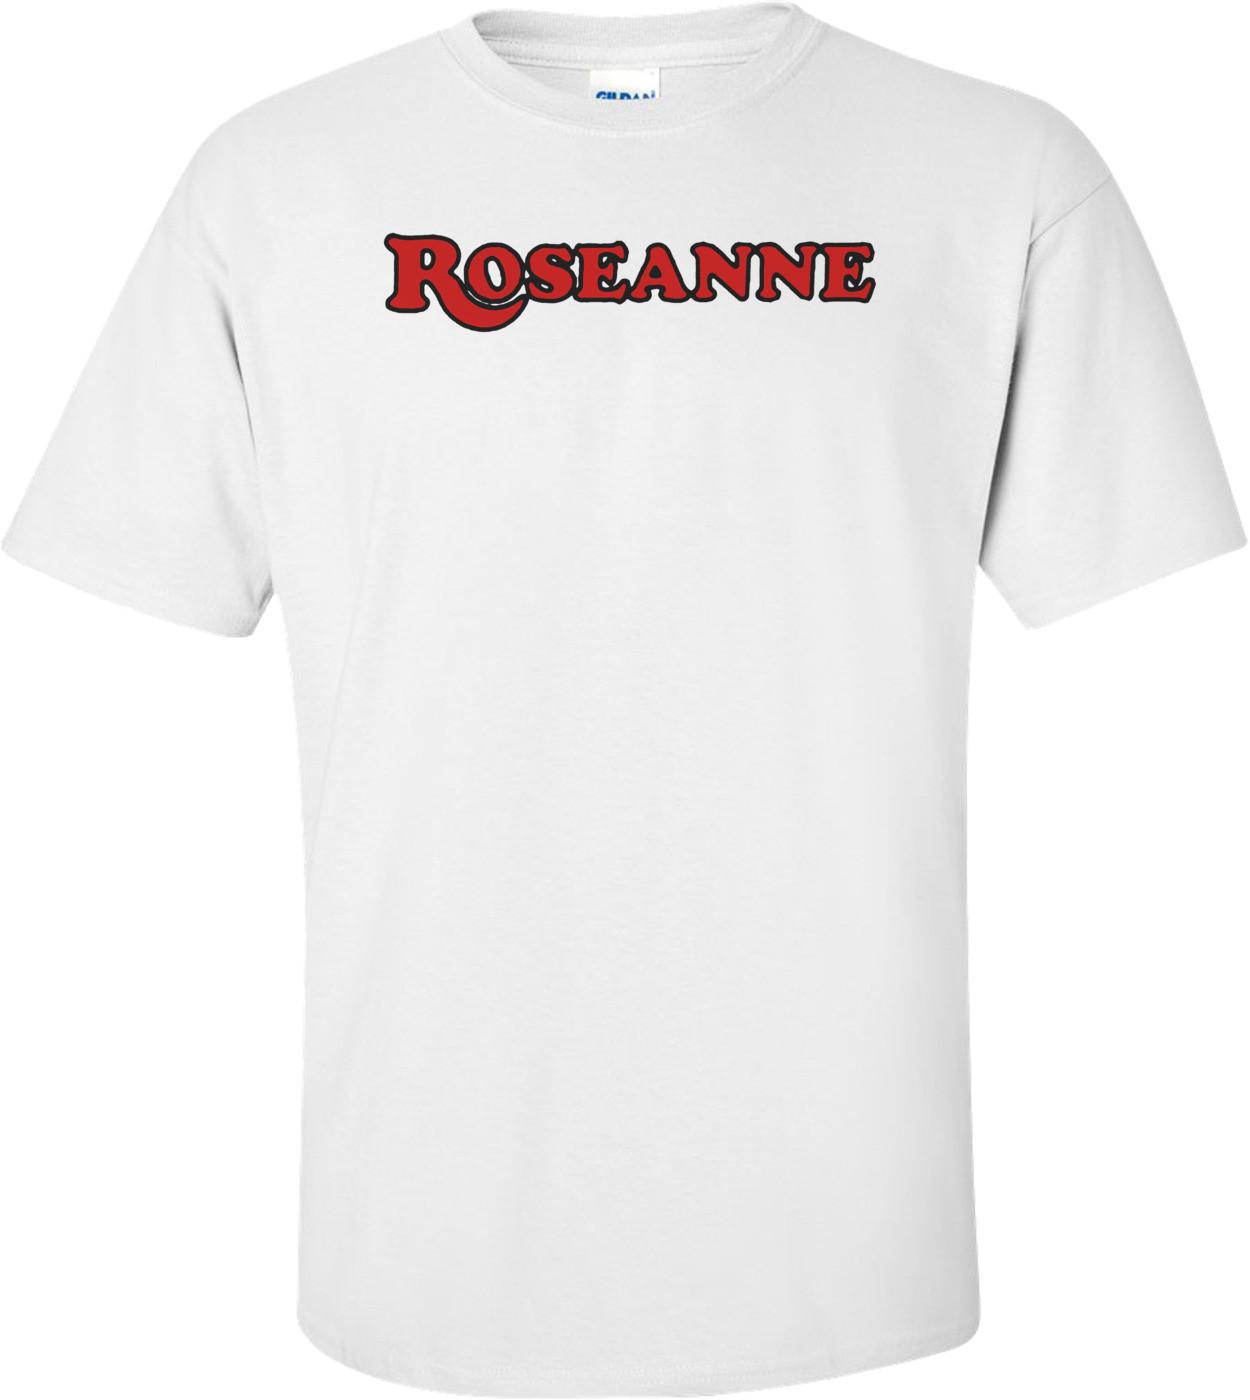 Roseanne T-shirt